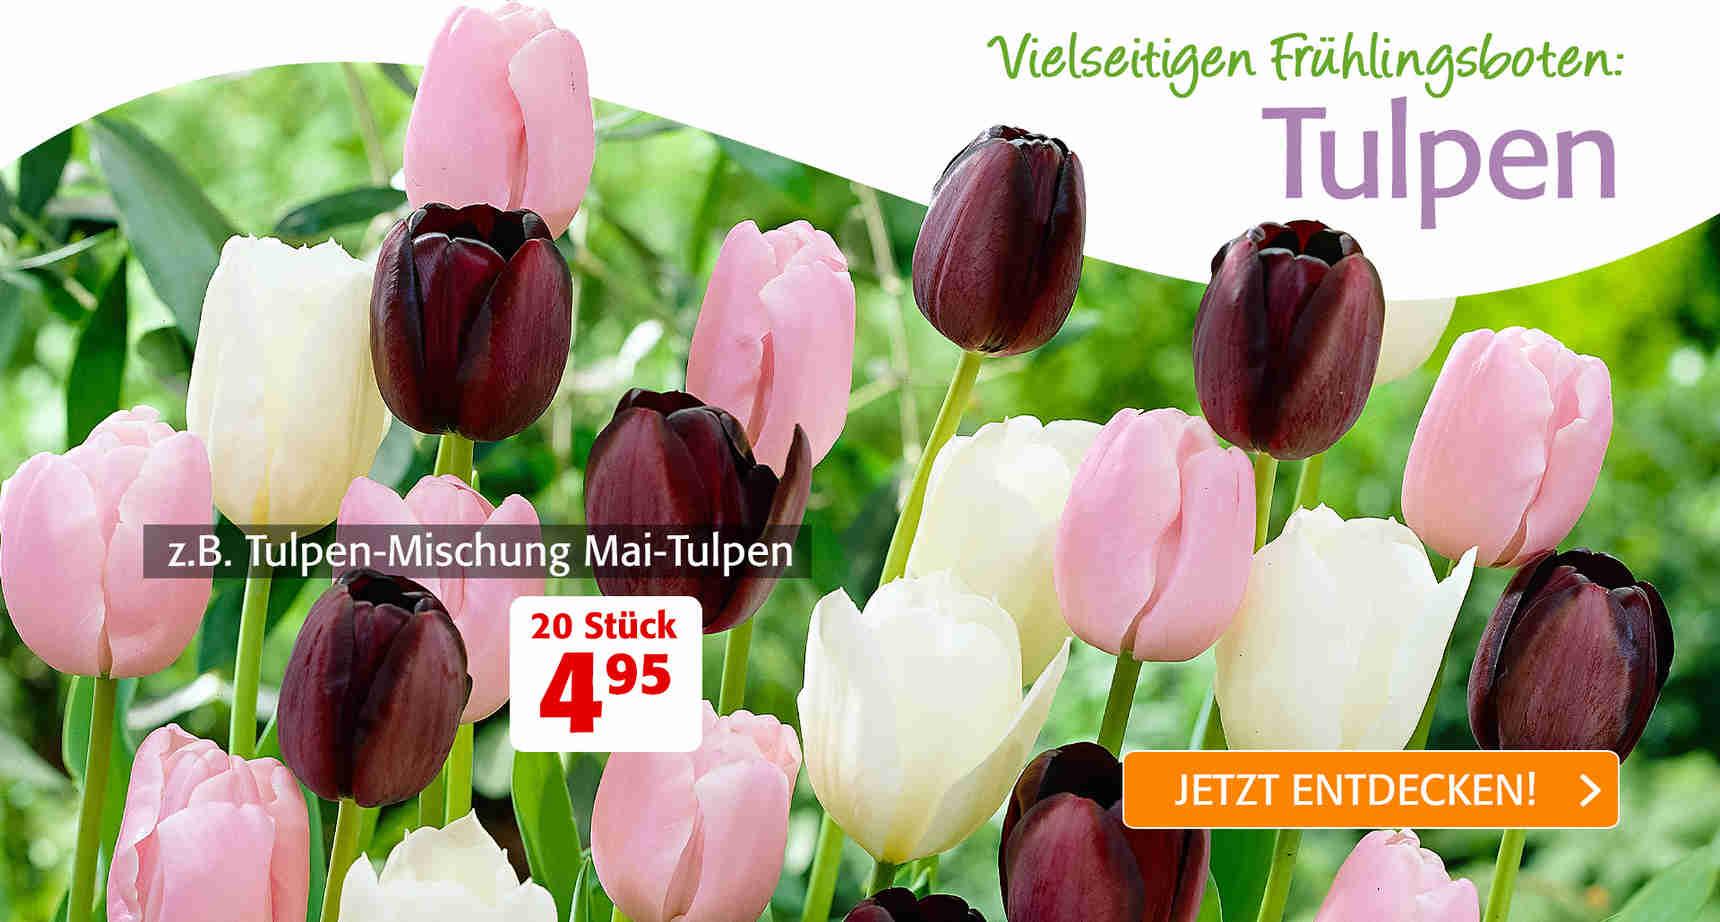 +++ (1) Tulpen +++ - 3